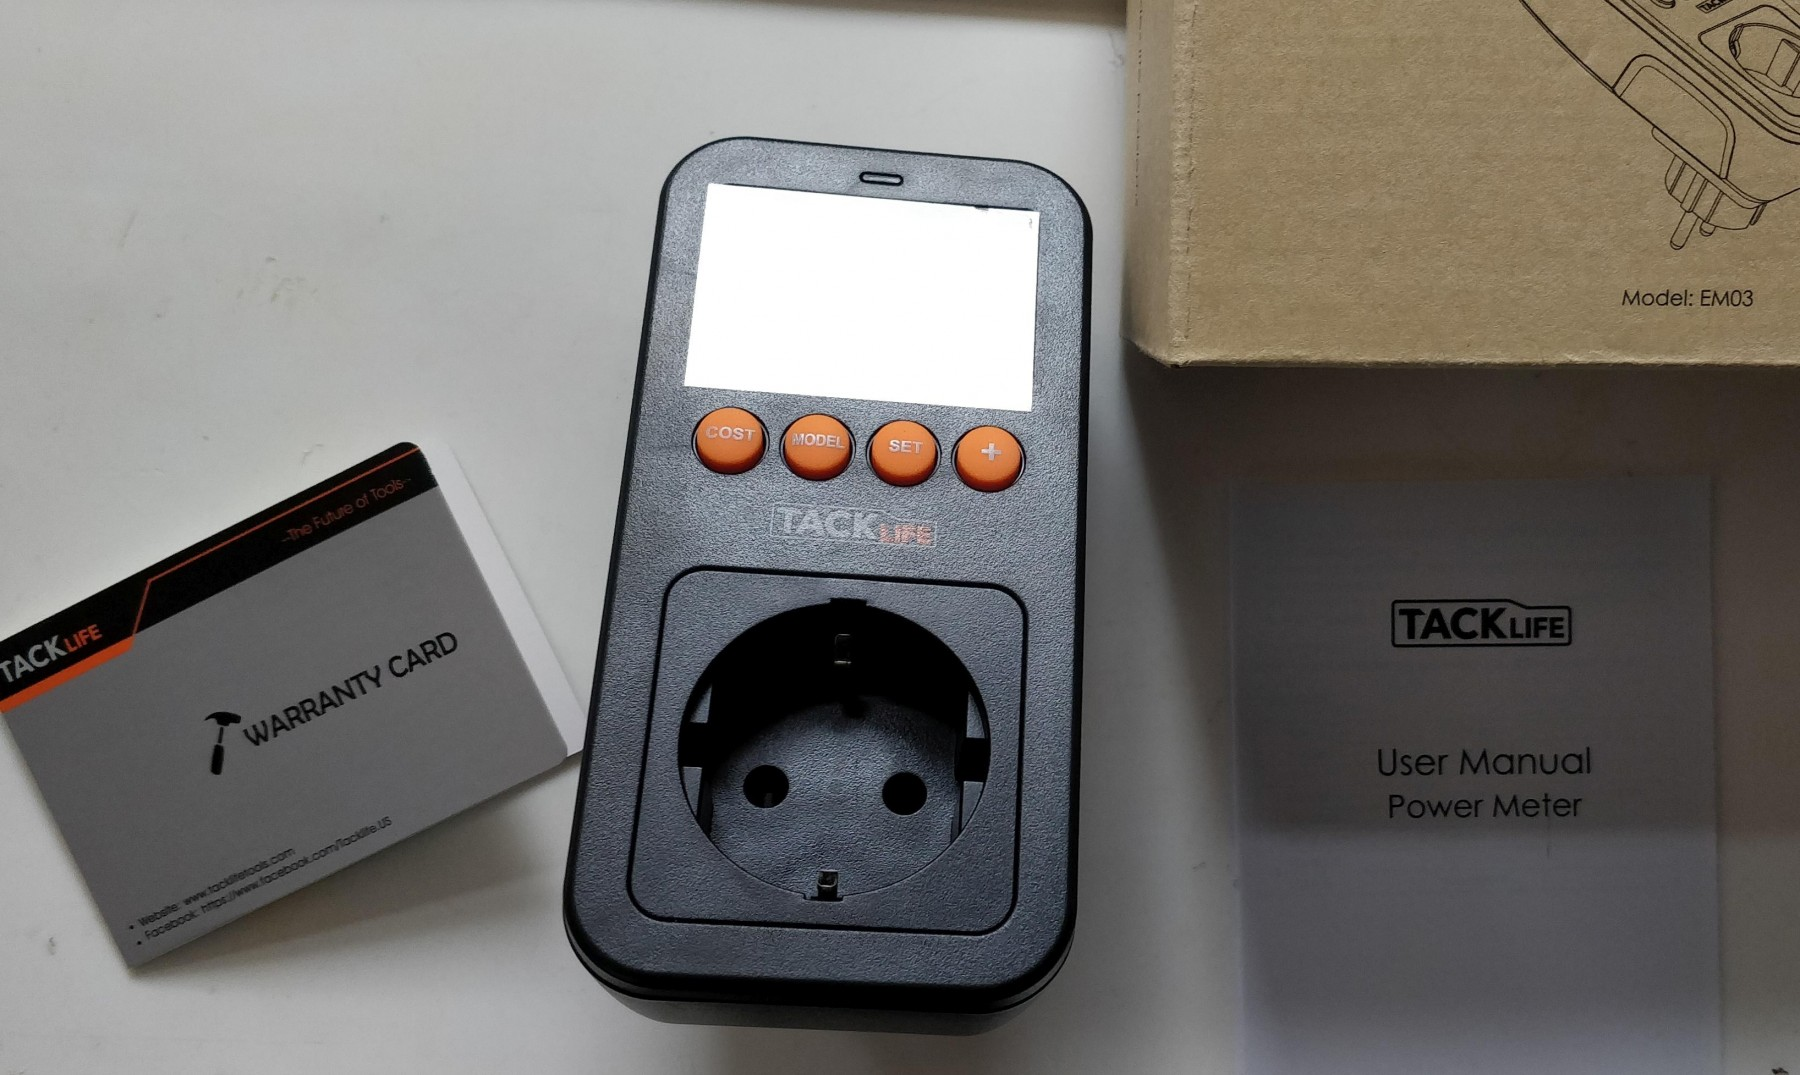 Tacklife Advanced EM03 Medidor de consumo de energía / Medidor de potencia de salida